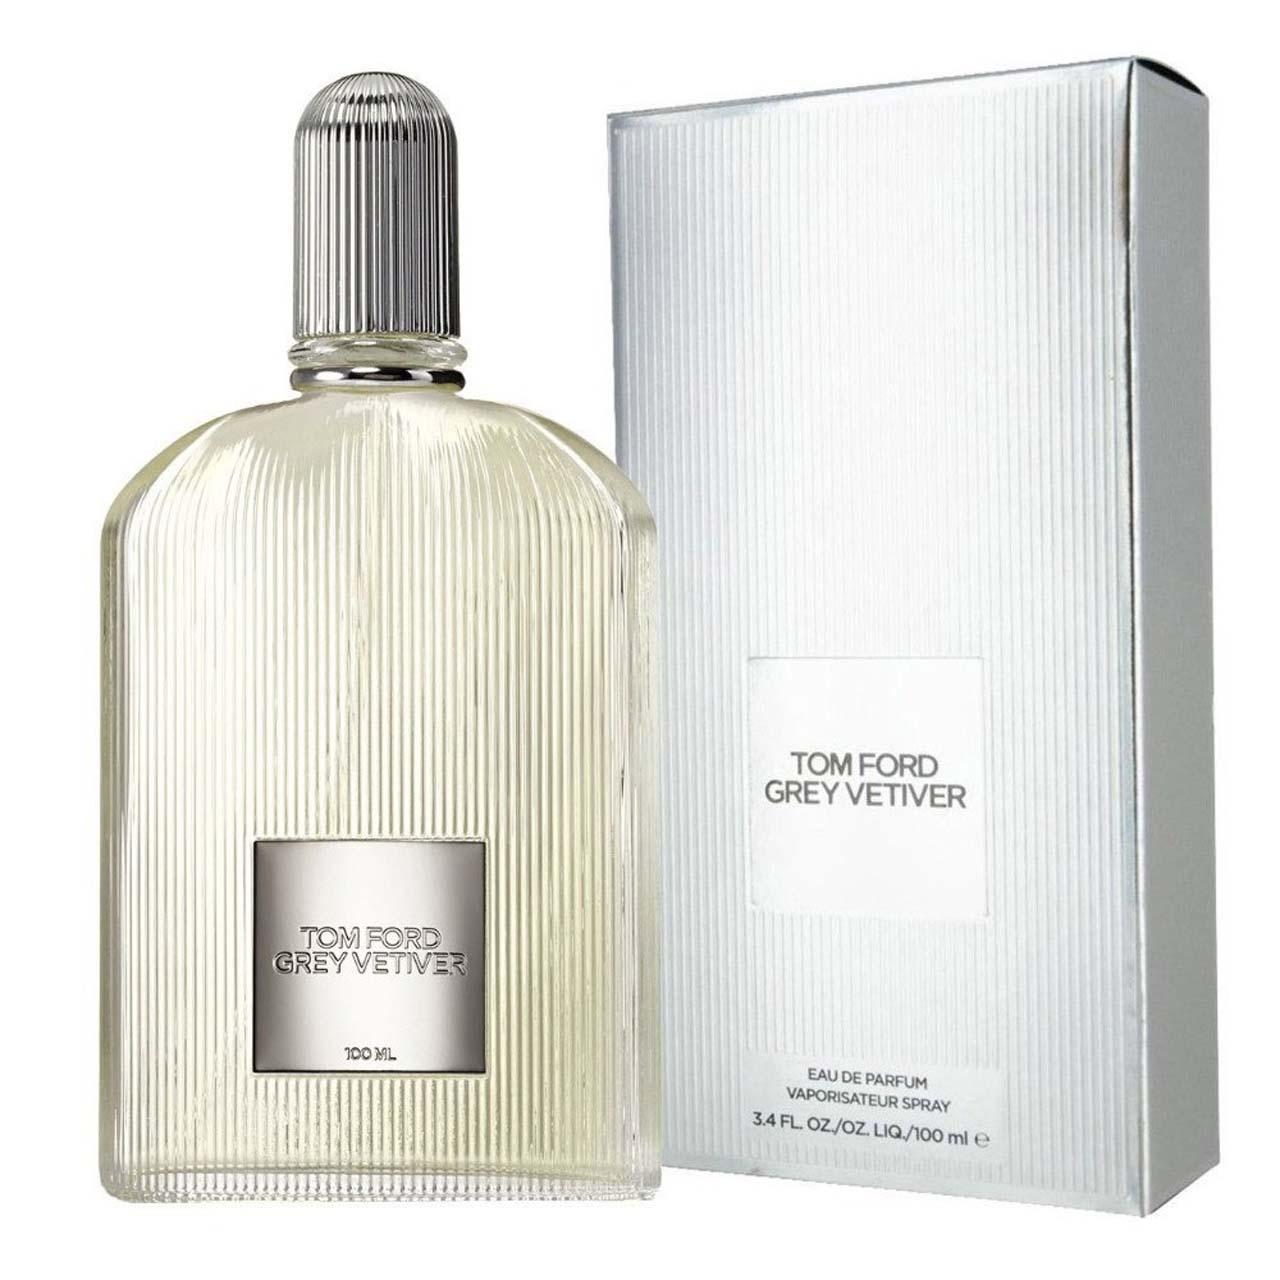 mens-fragrances-tom-ford-grey-vetiver-3-4-oz-edp-for-men-1